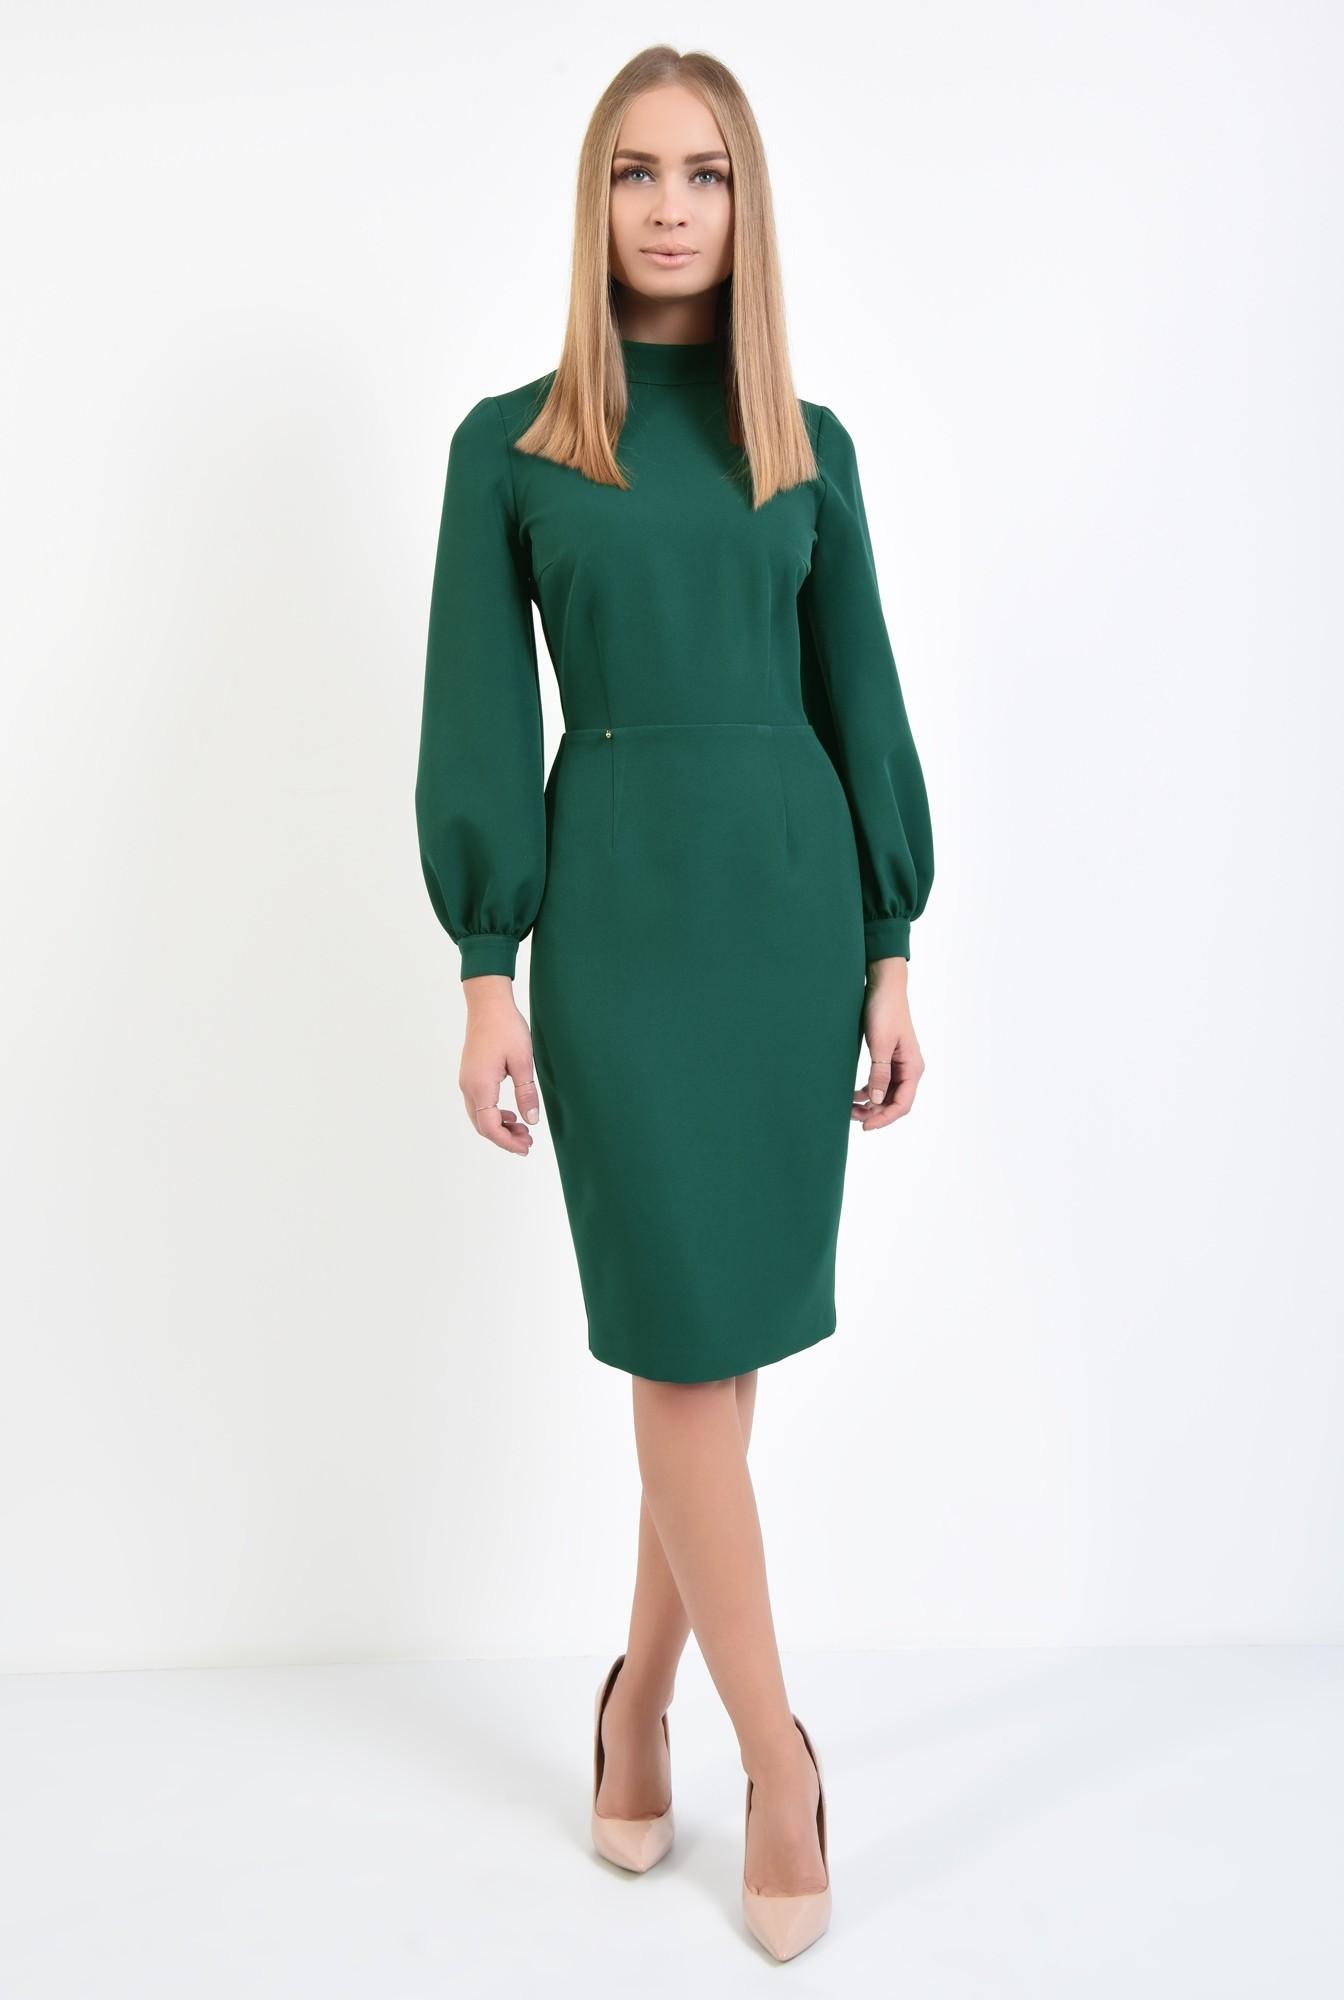 3 - rochie verde, de zi, croi conic, cusatura in talie, guler inalt